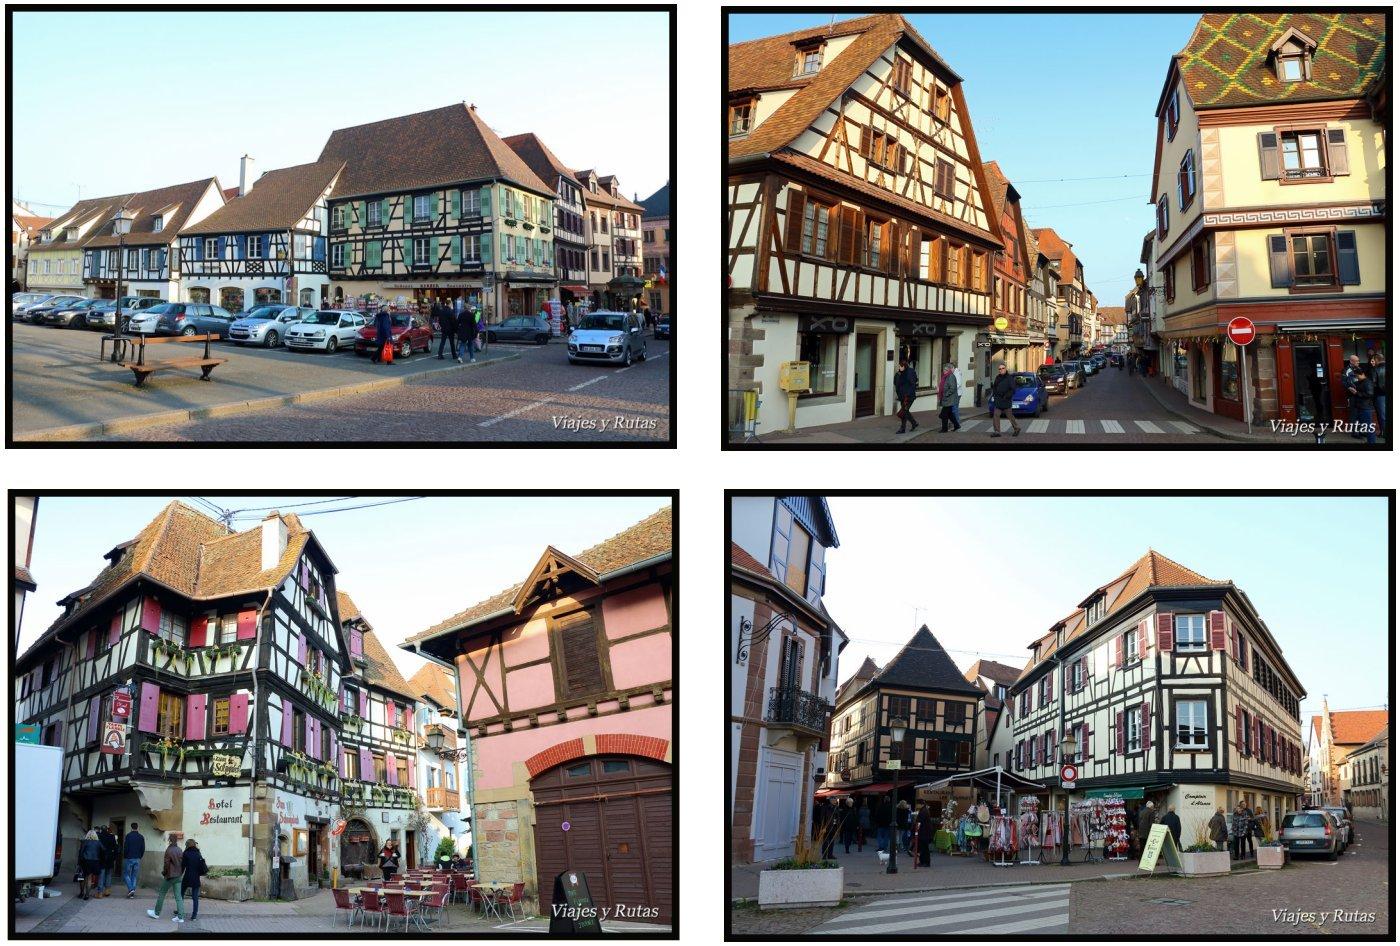 Casas típicas de Obernai, Alsacia